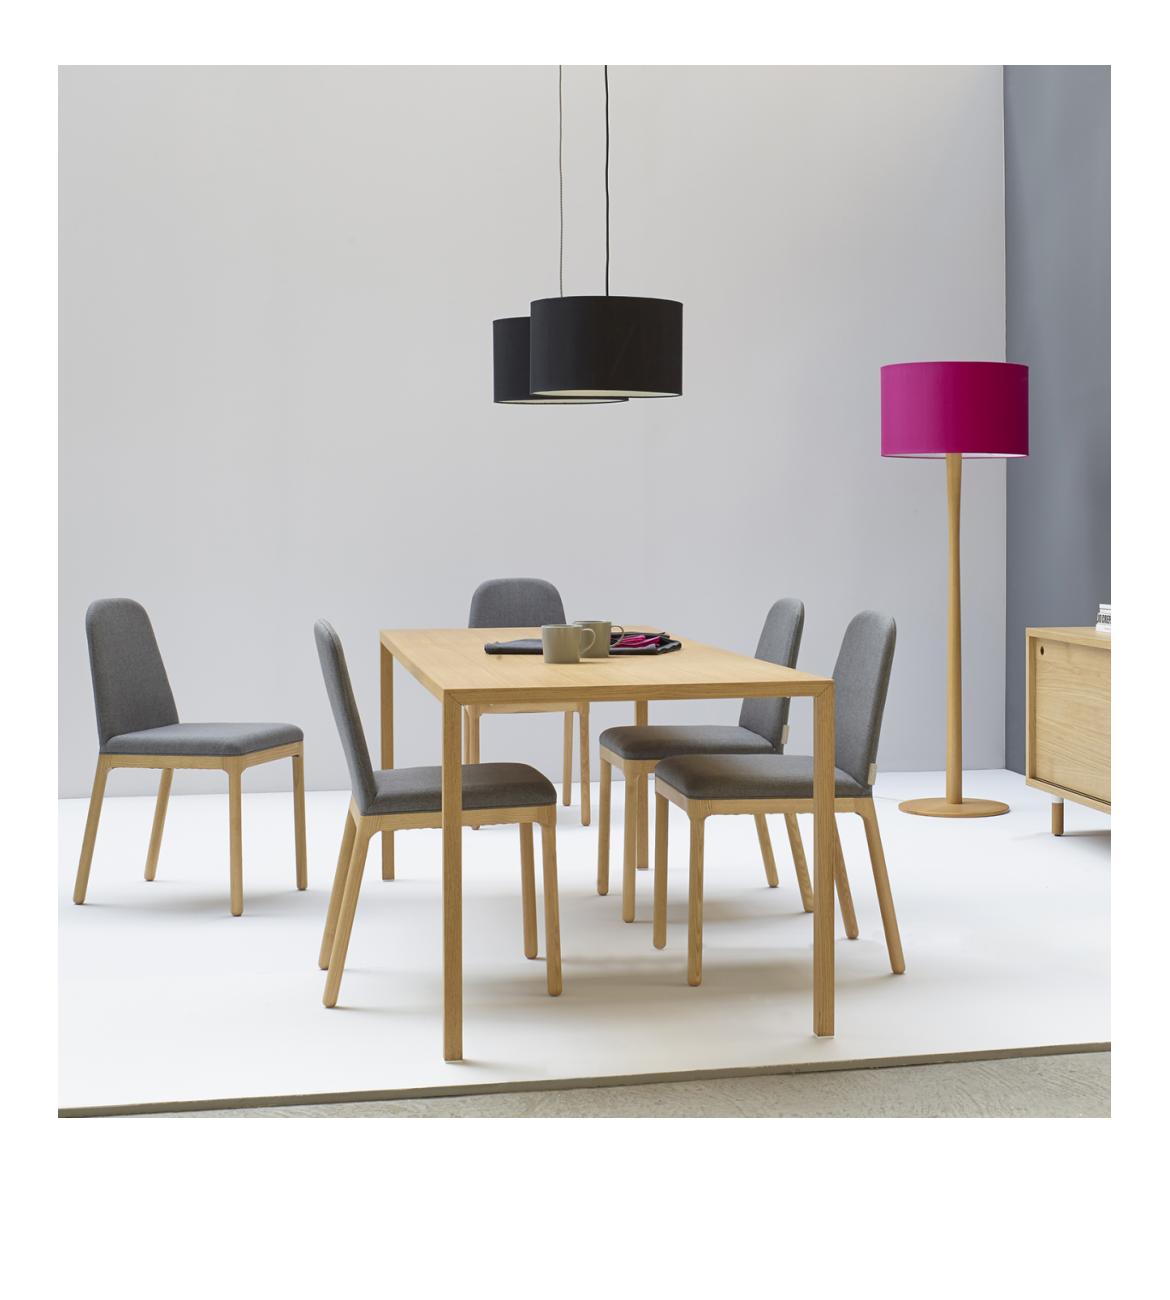 Tratto Table de salle à manger | Habitat | Pinterest